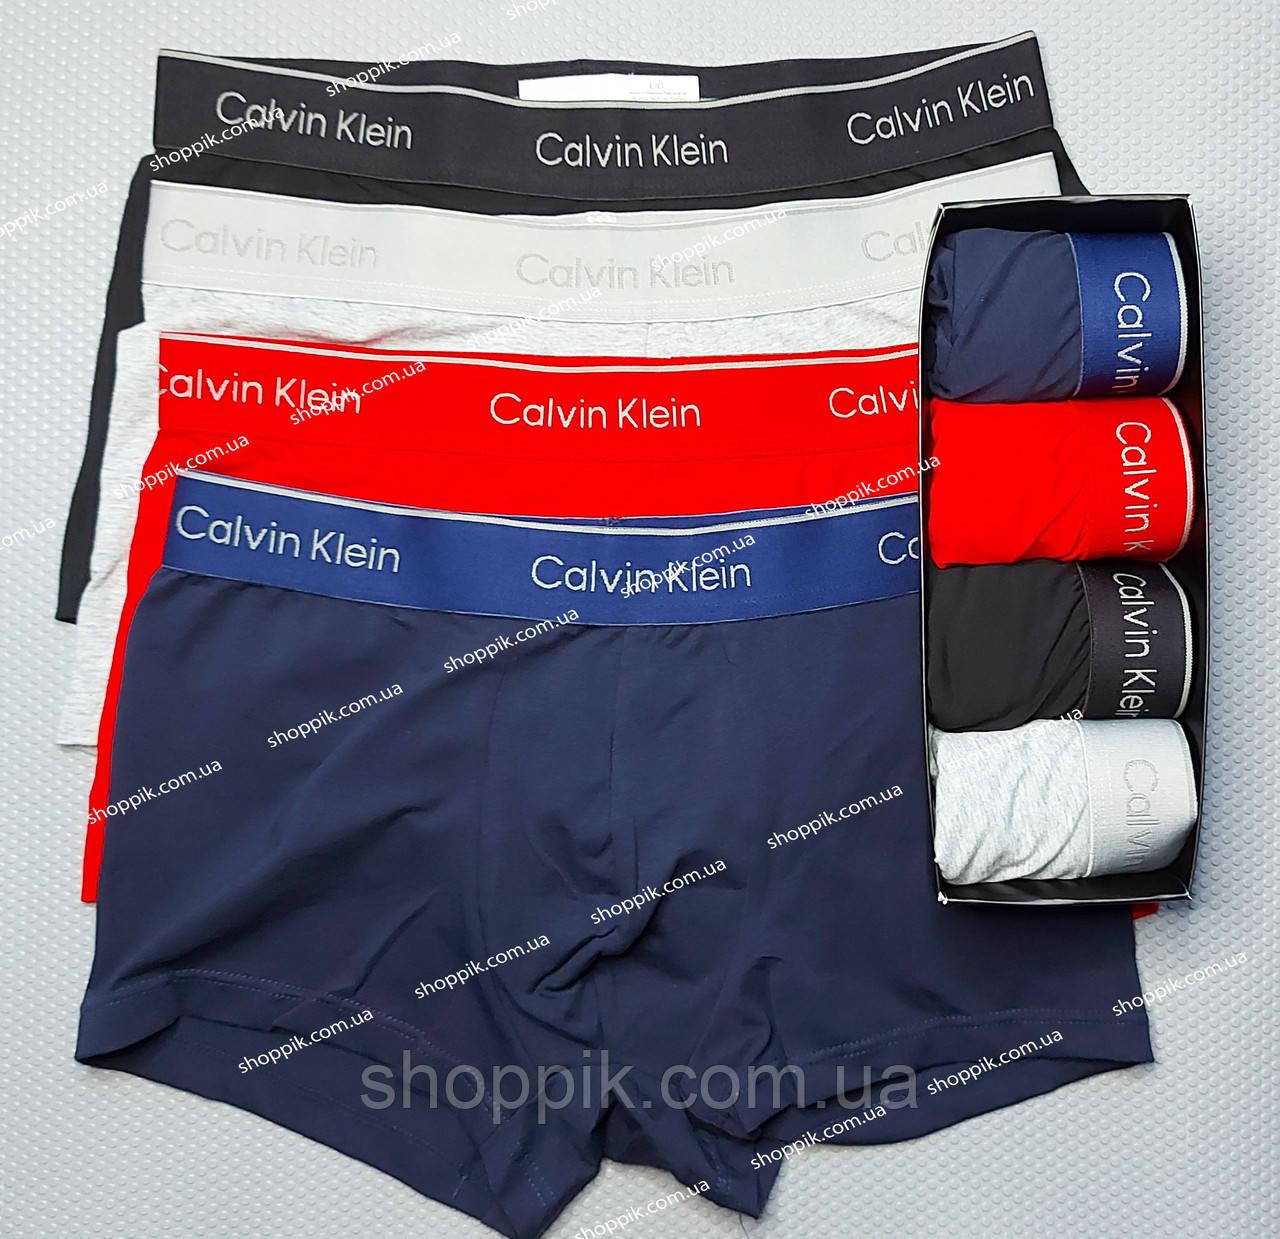 Комплект мужских трусов боксеров Calvin Klein трусы боксеры 4 штуки